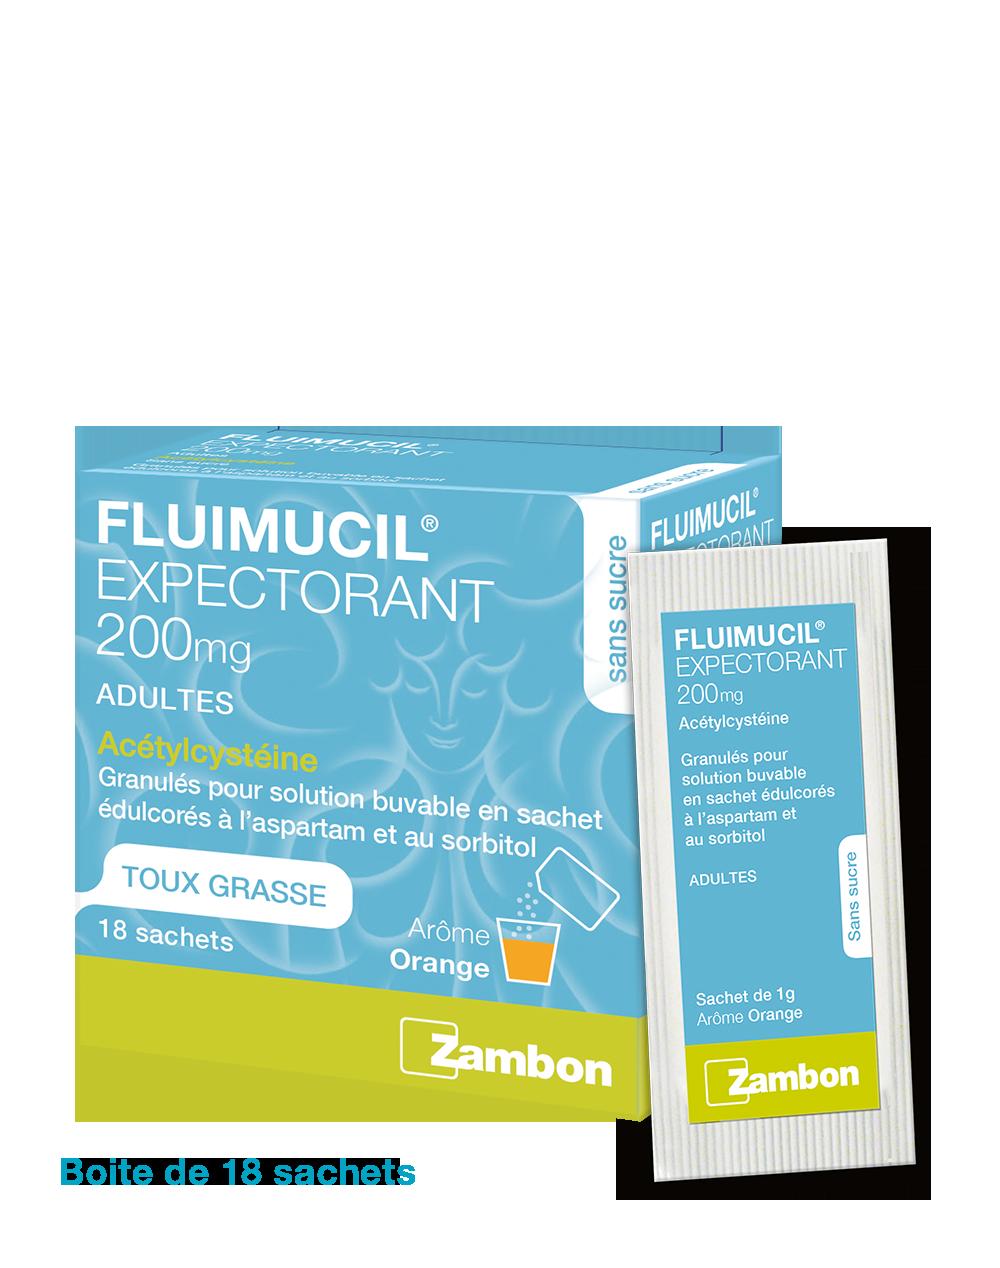 Paquet de Fluimucil 200 mg adultes en sachets